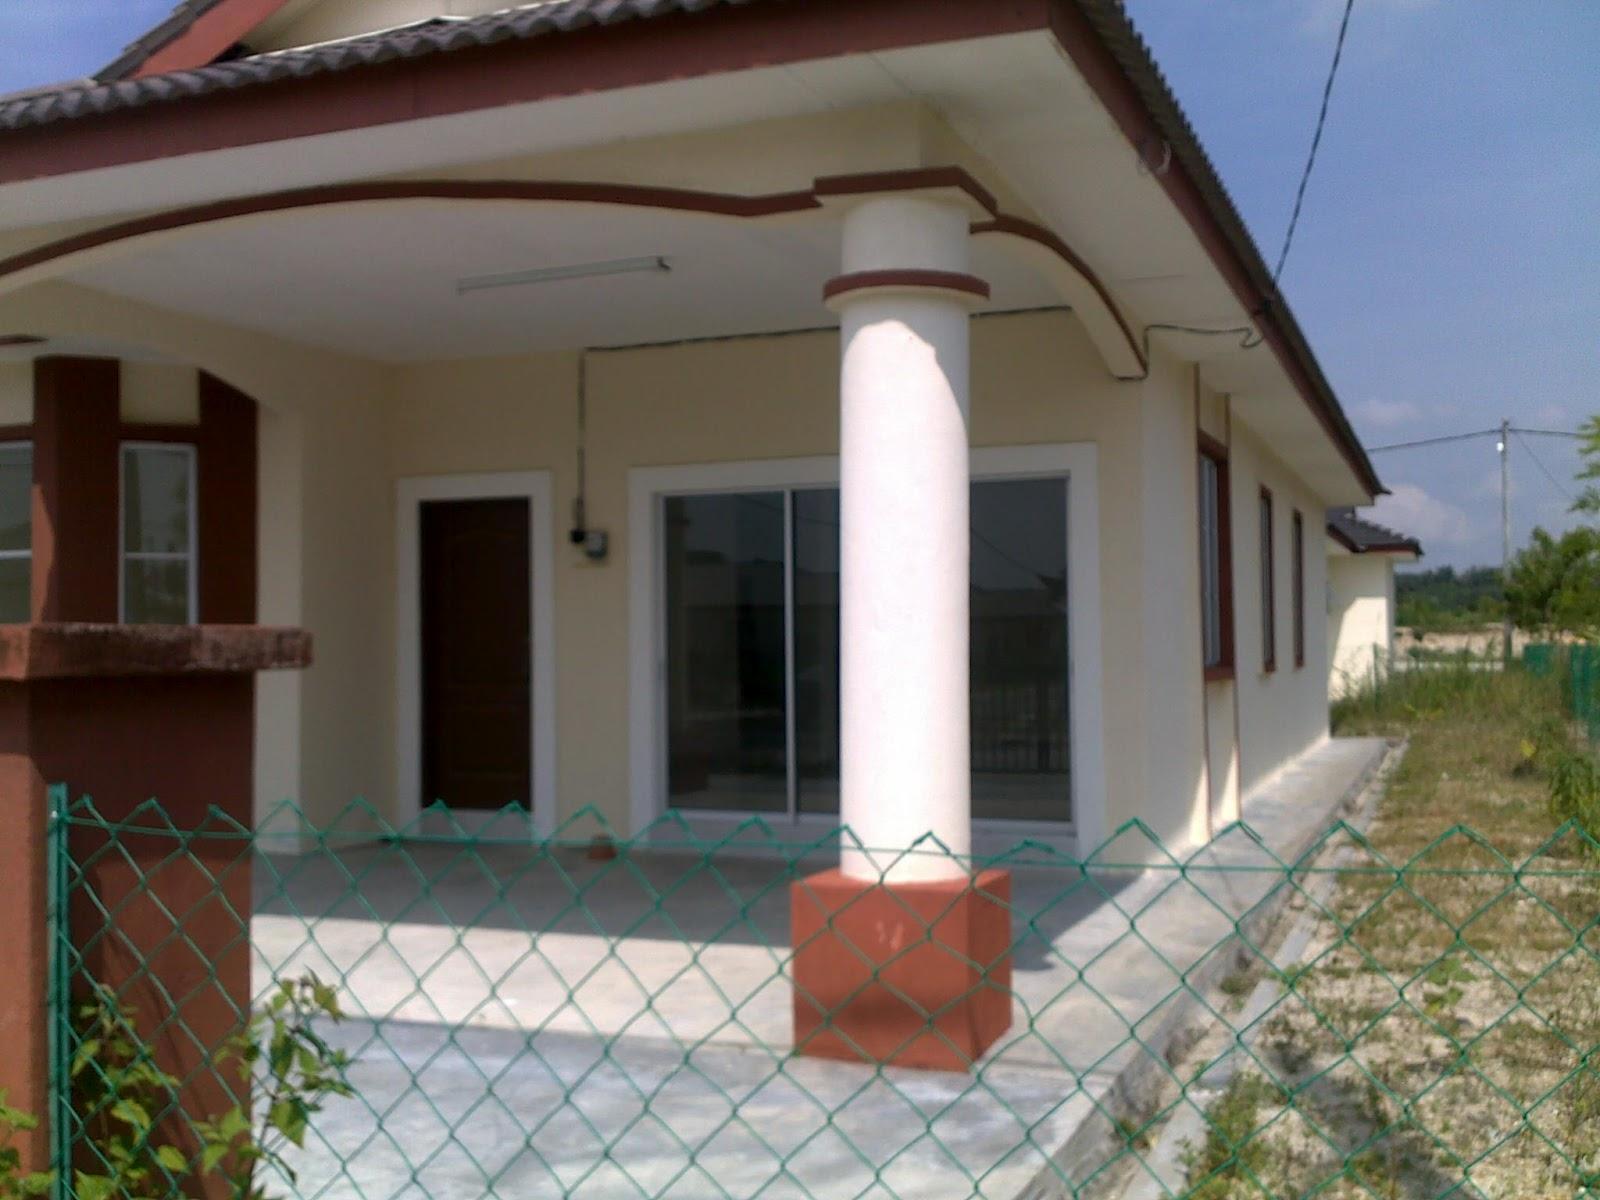 Gambar Rumah Banglo Setingkat Gambar Rumah Banglo Satu